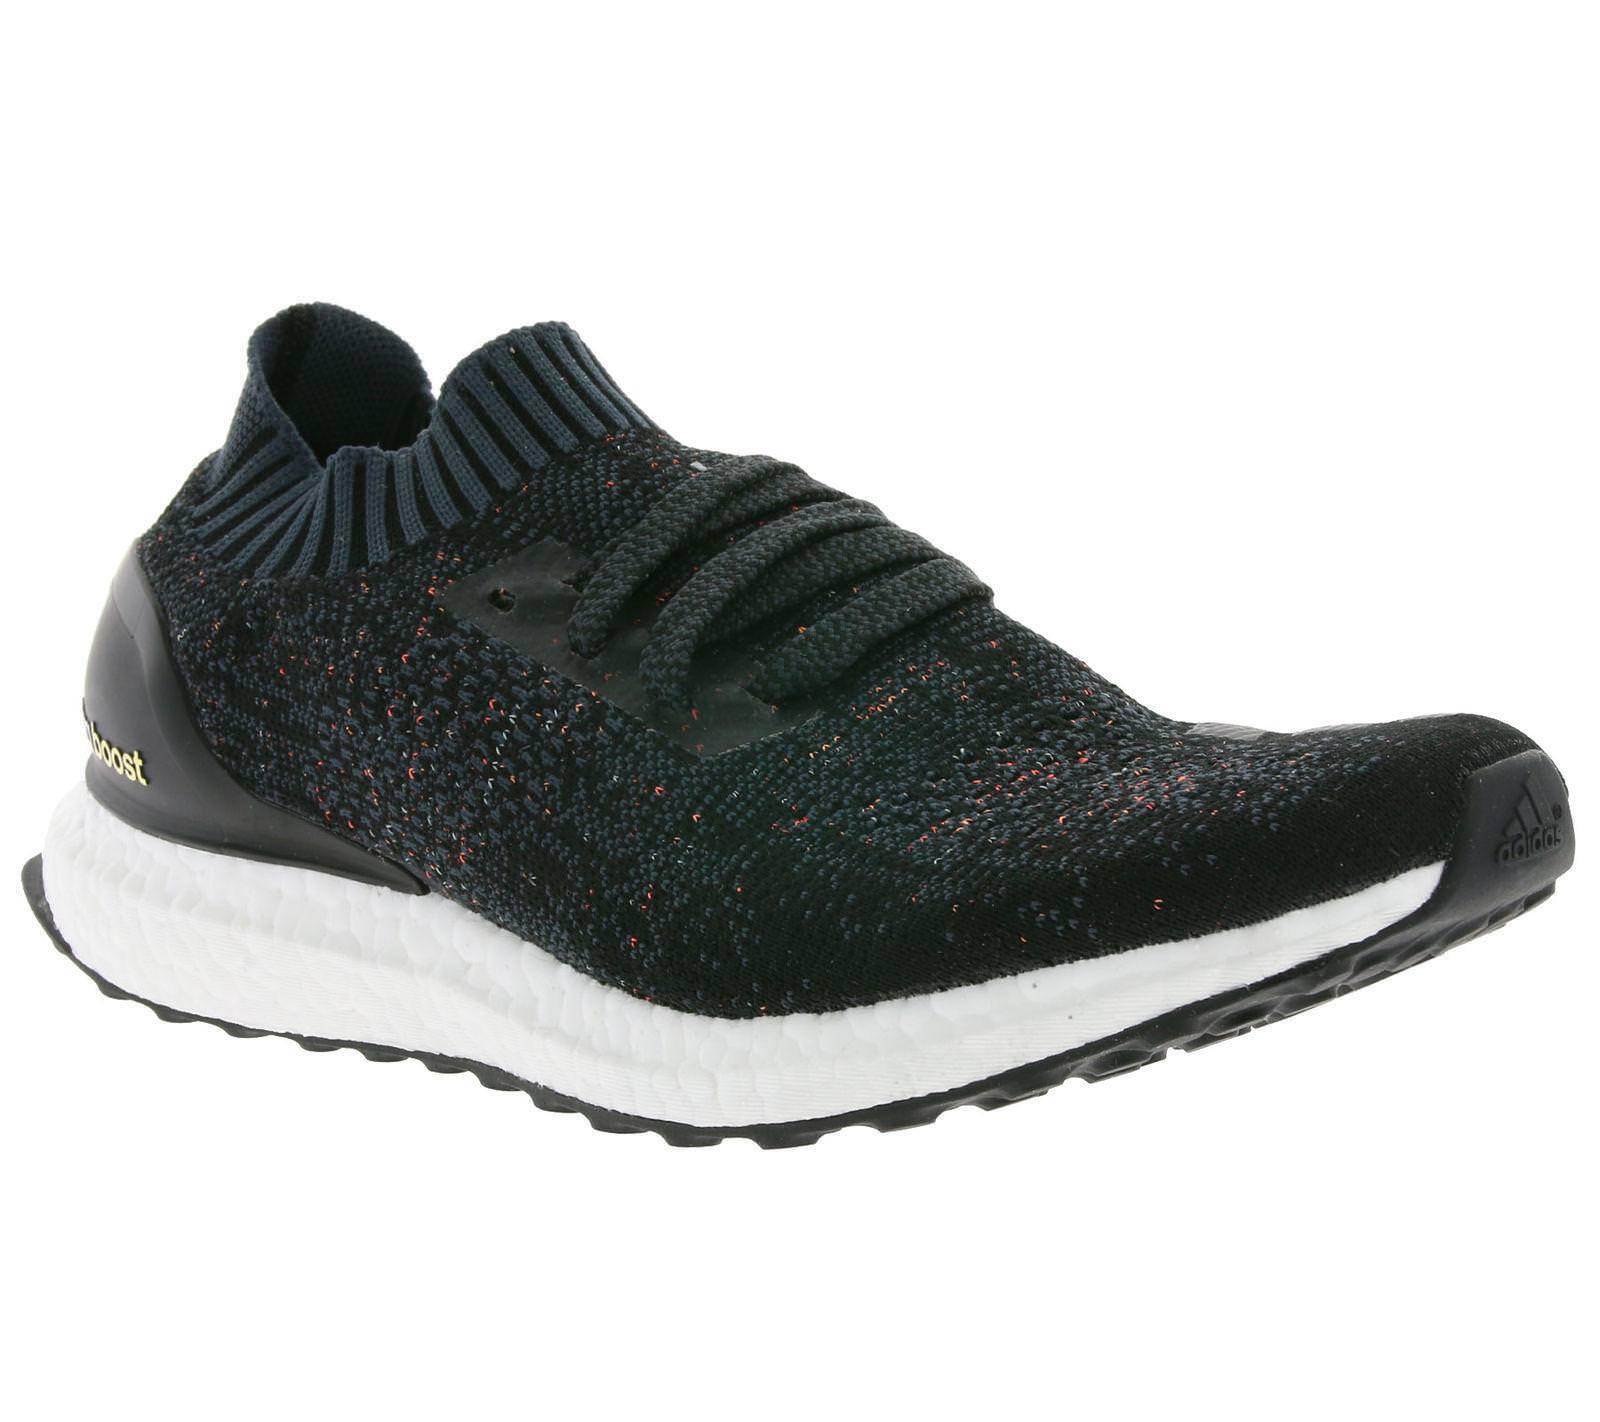 Da Donna Adidas da ultraboost pappagallini W Running Scarpe da Adidas ginnastica BA9796 7b8e93